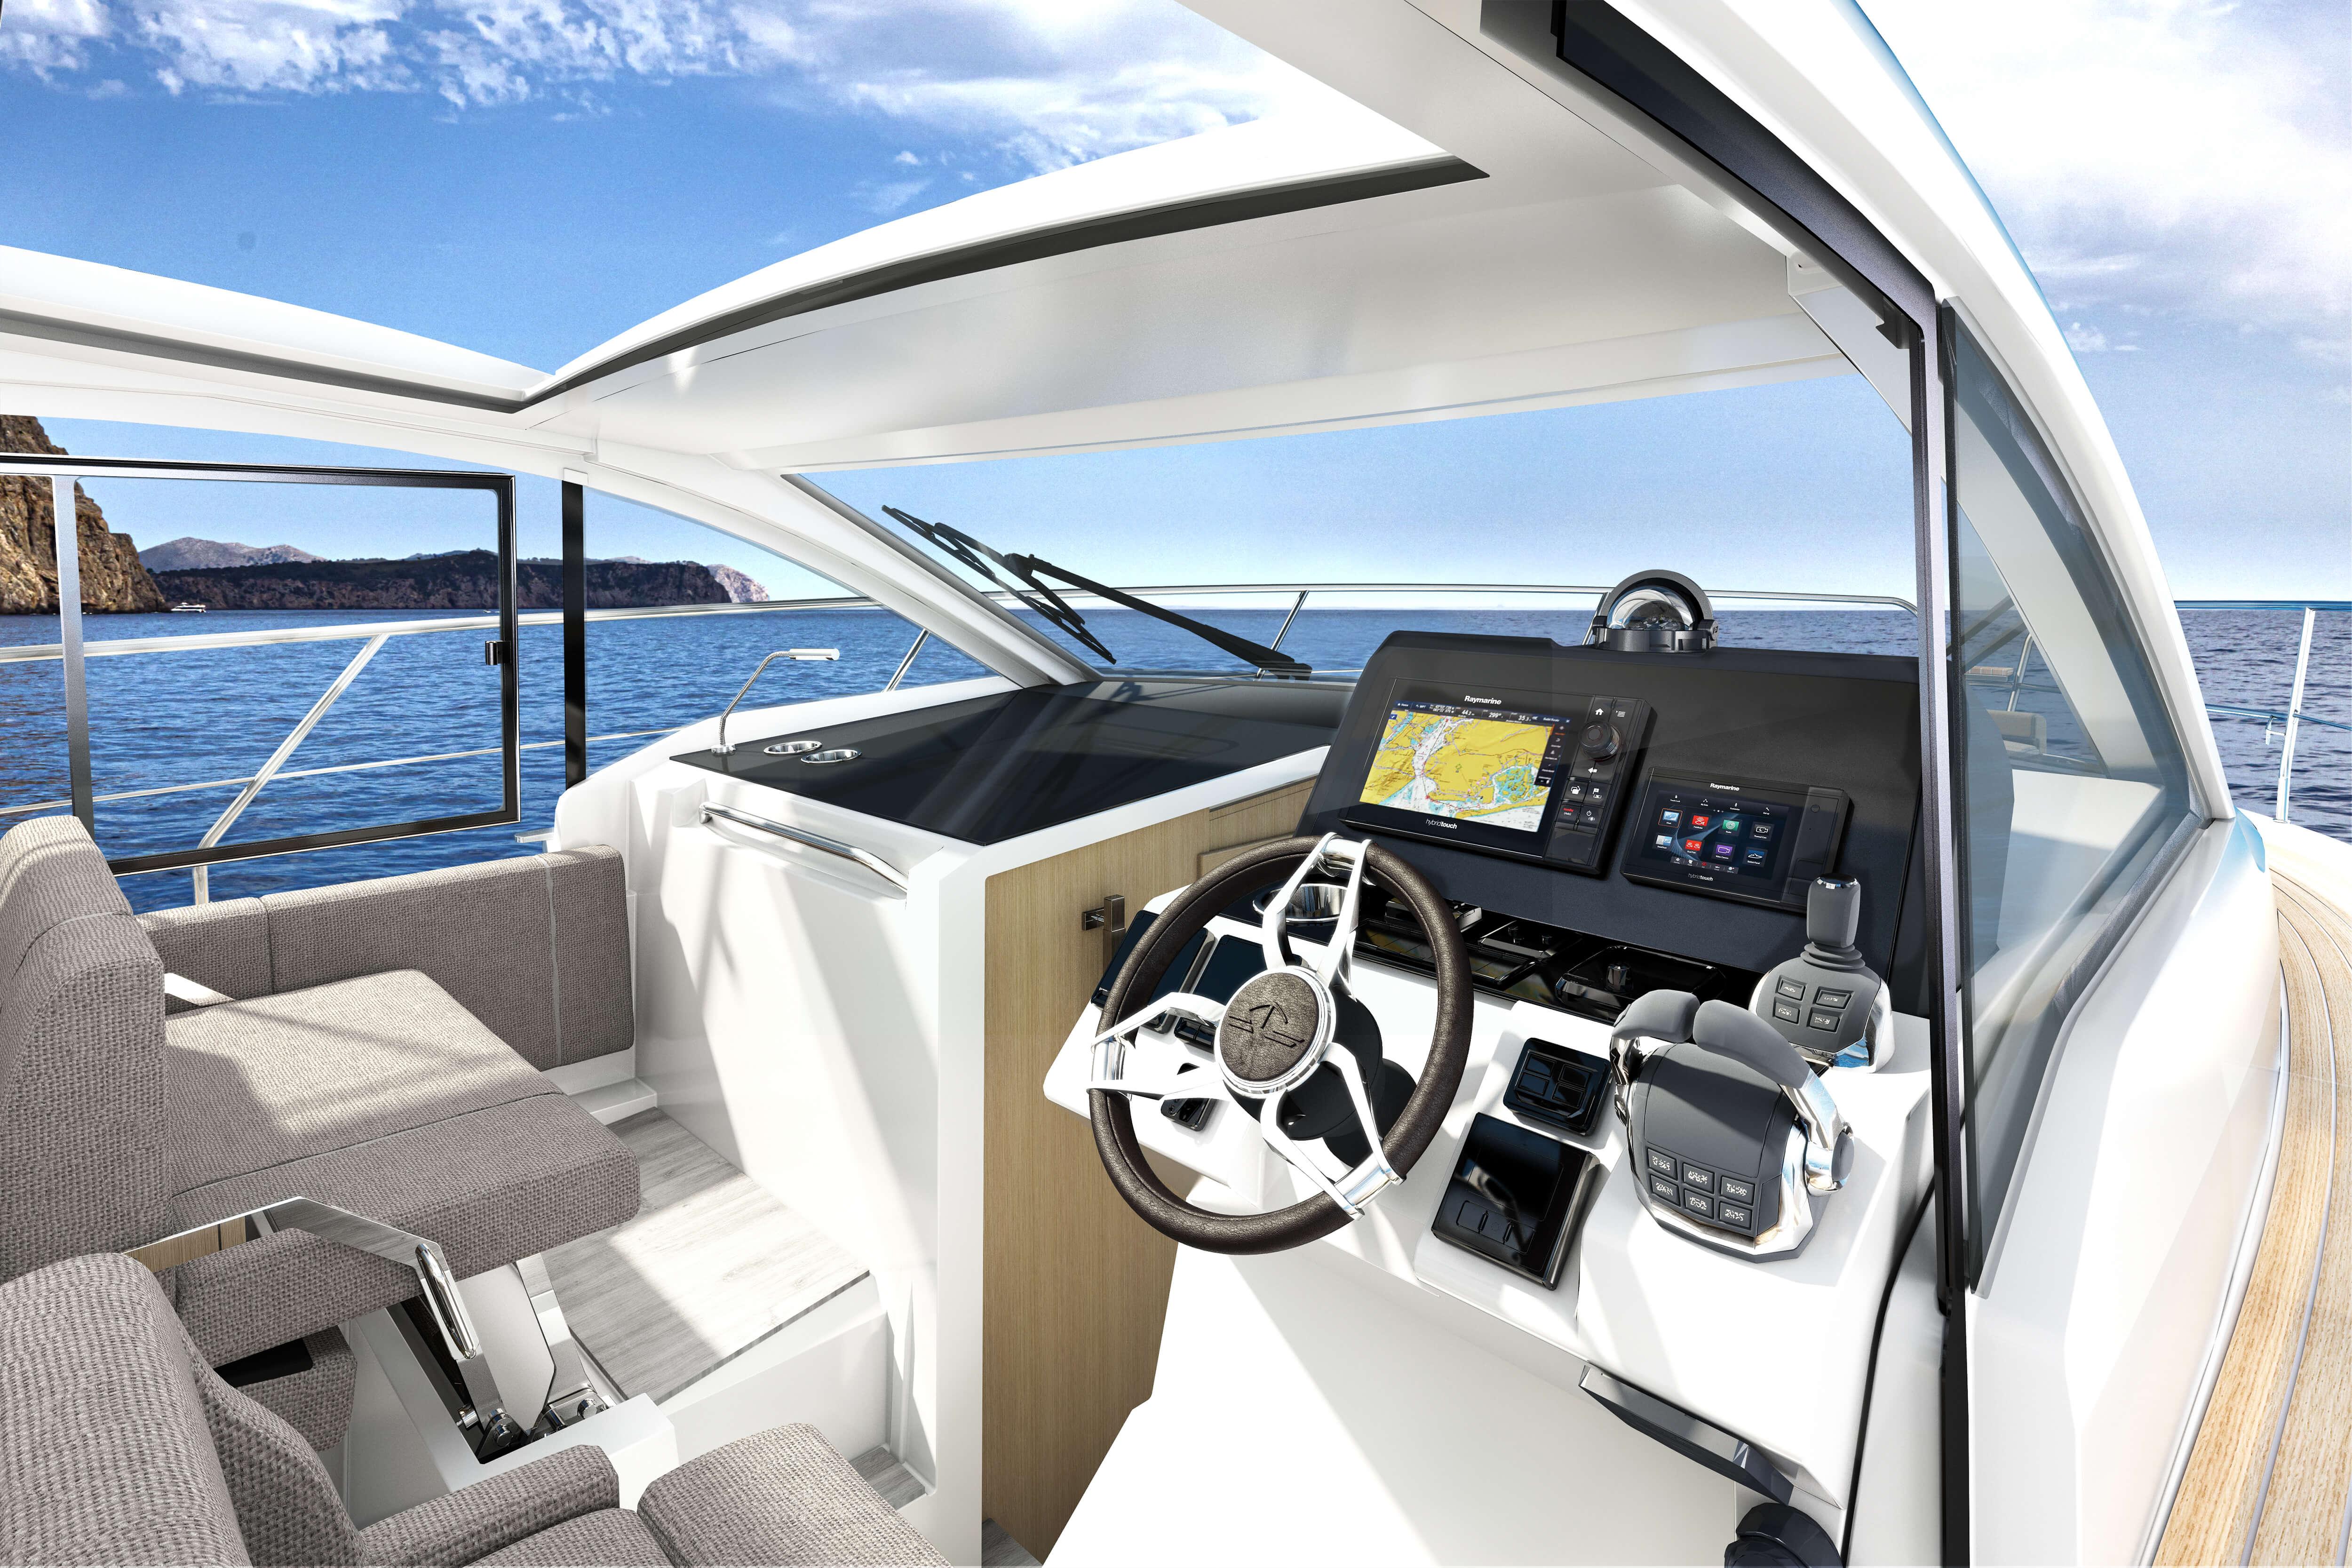 Sealine C335: Interior